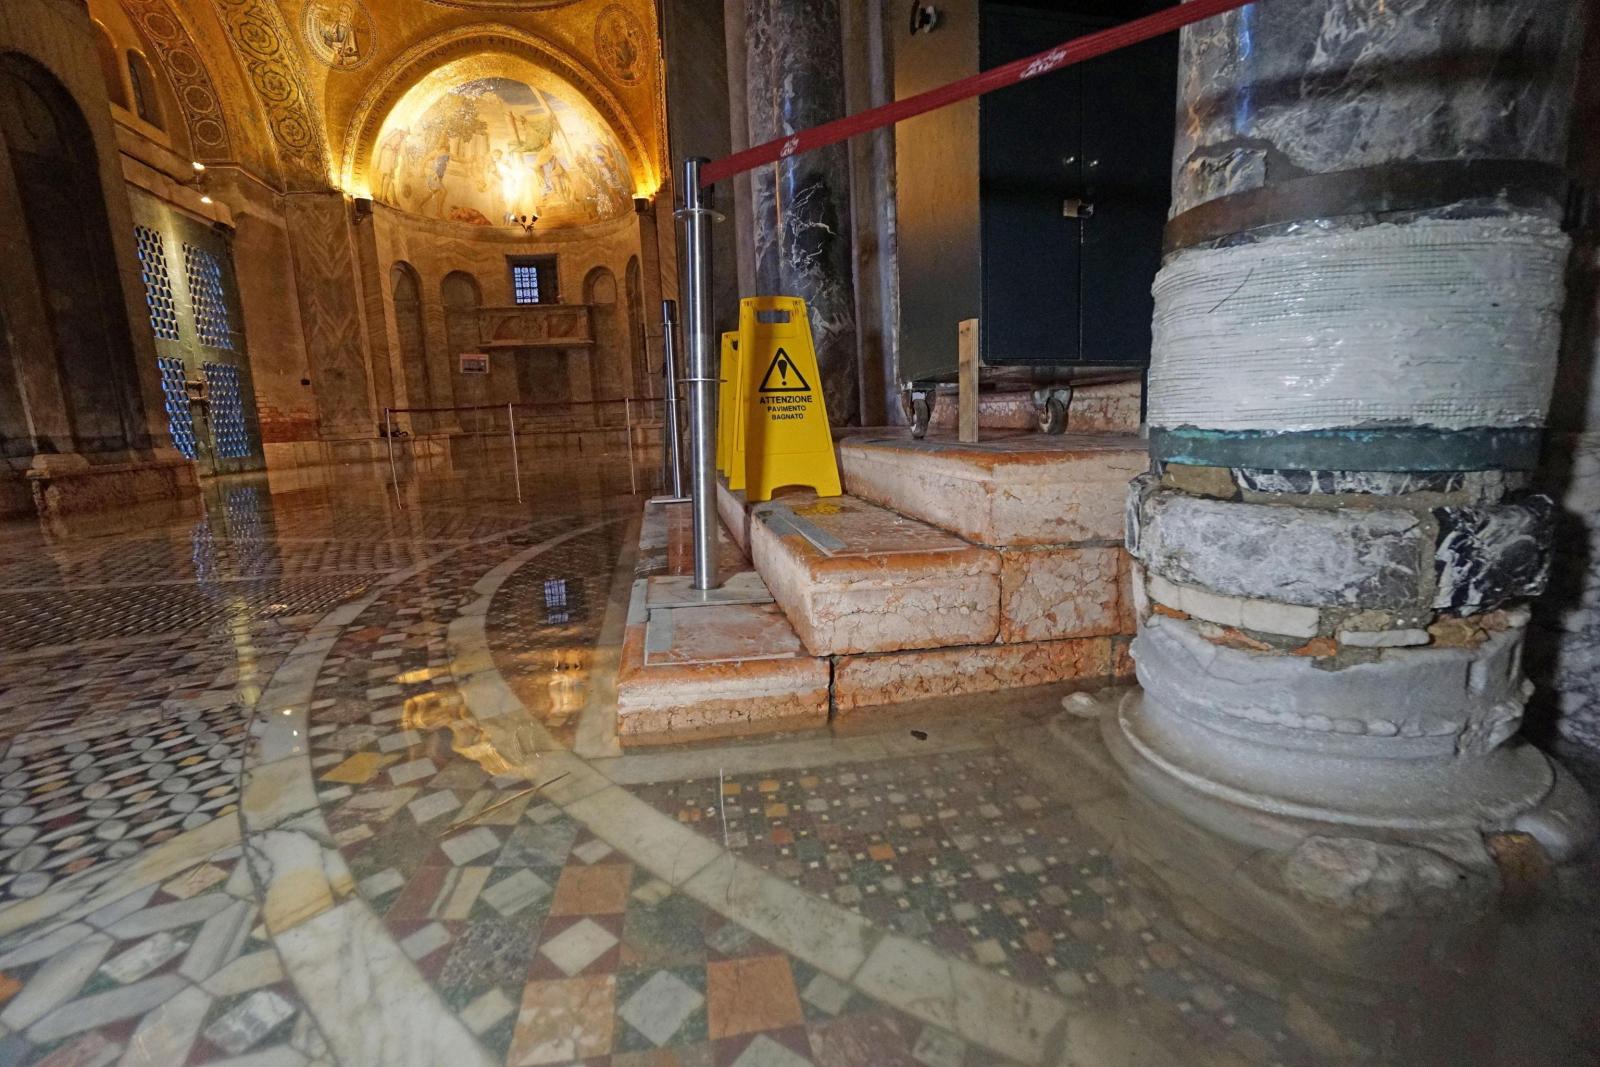 Tysiącletnia mozaika pod wodą  w Wenecji